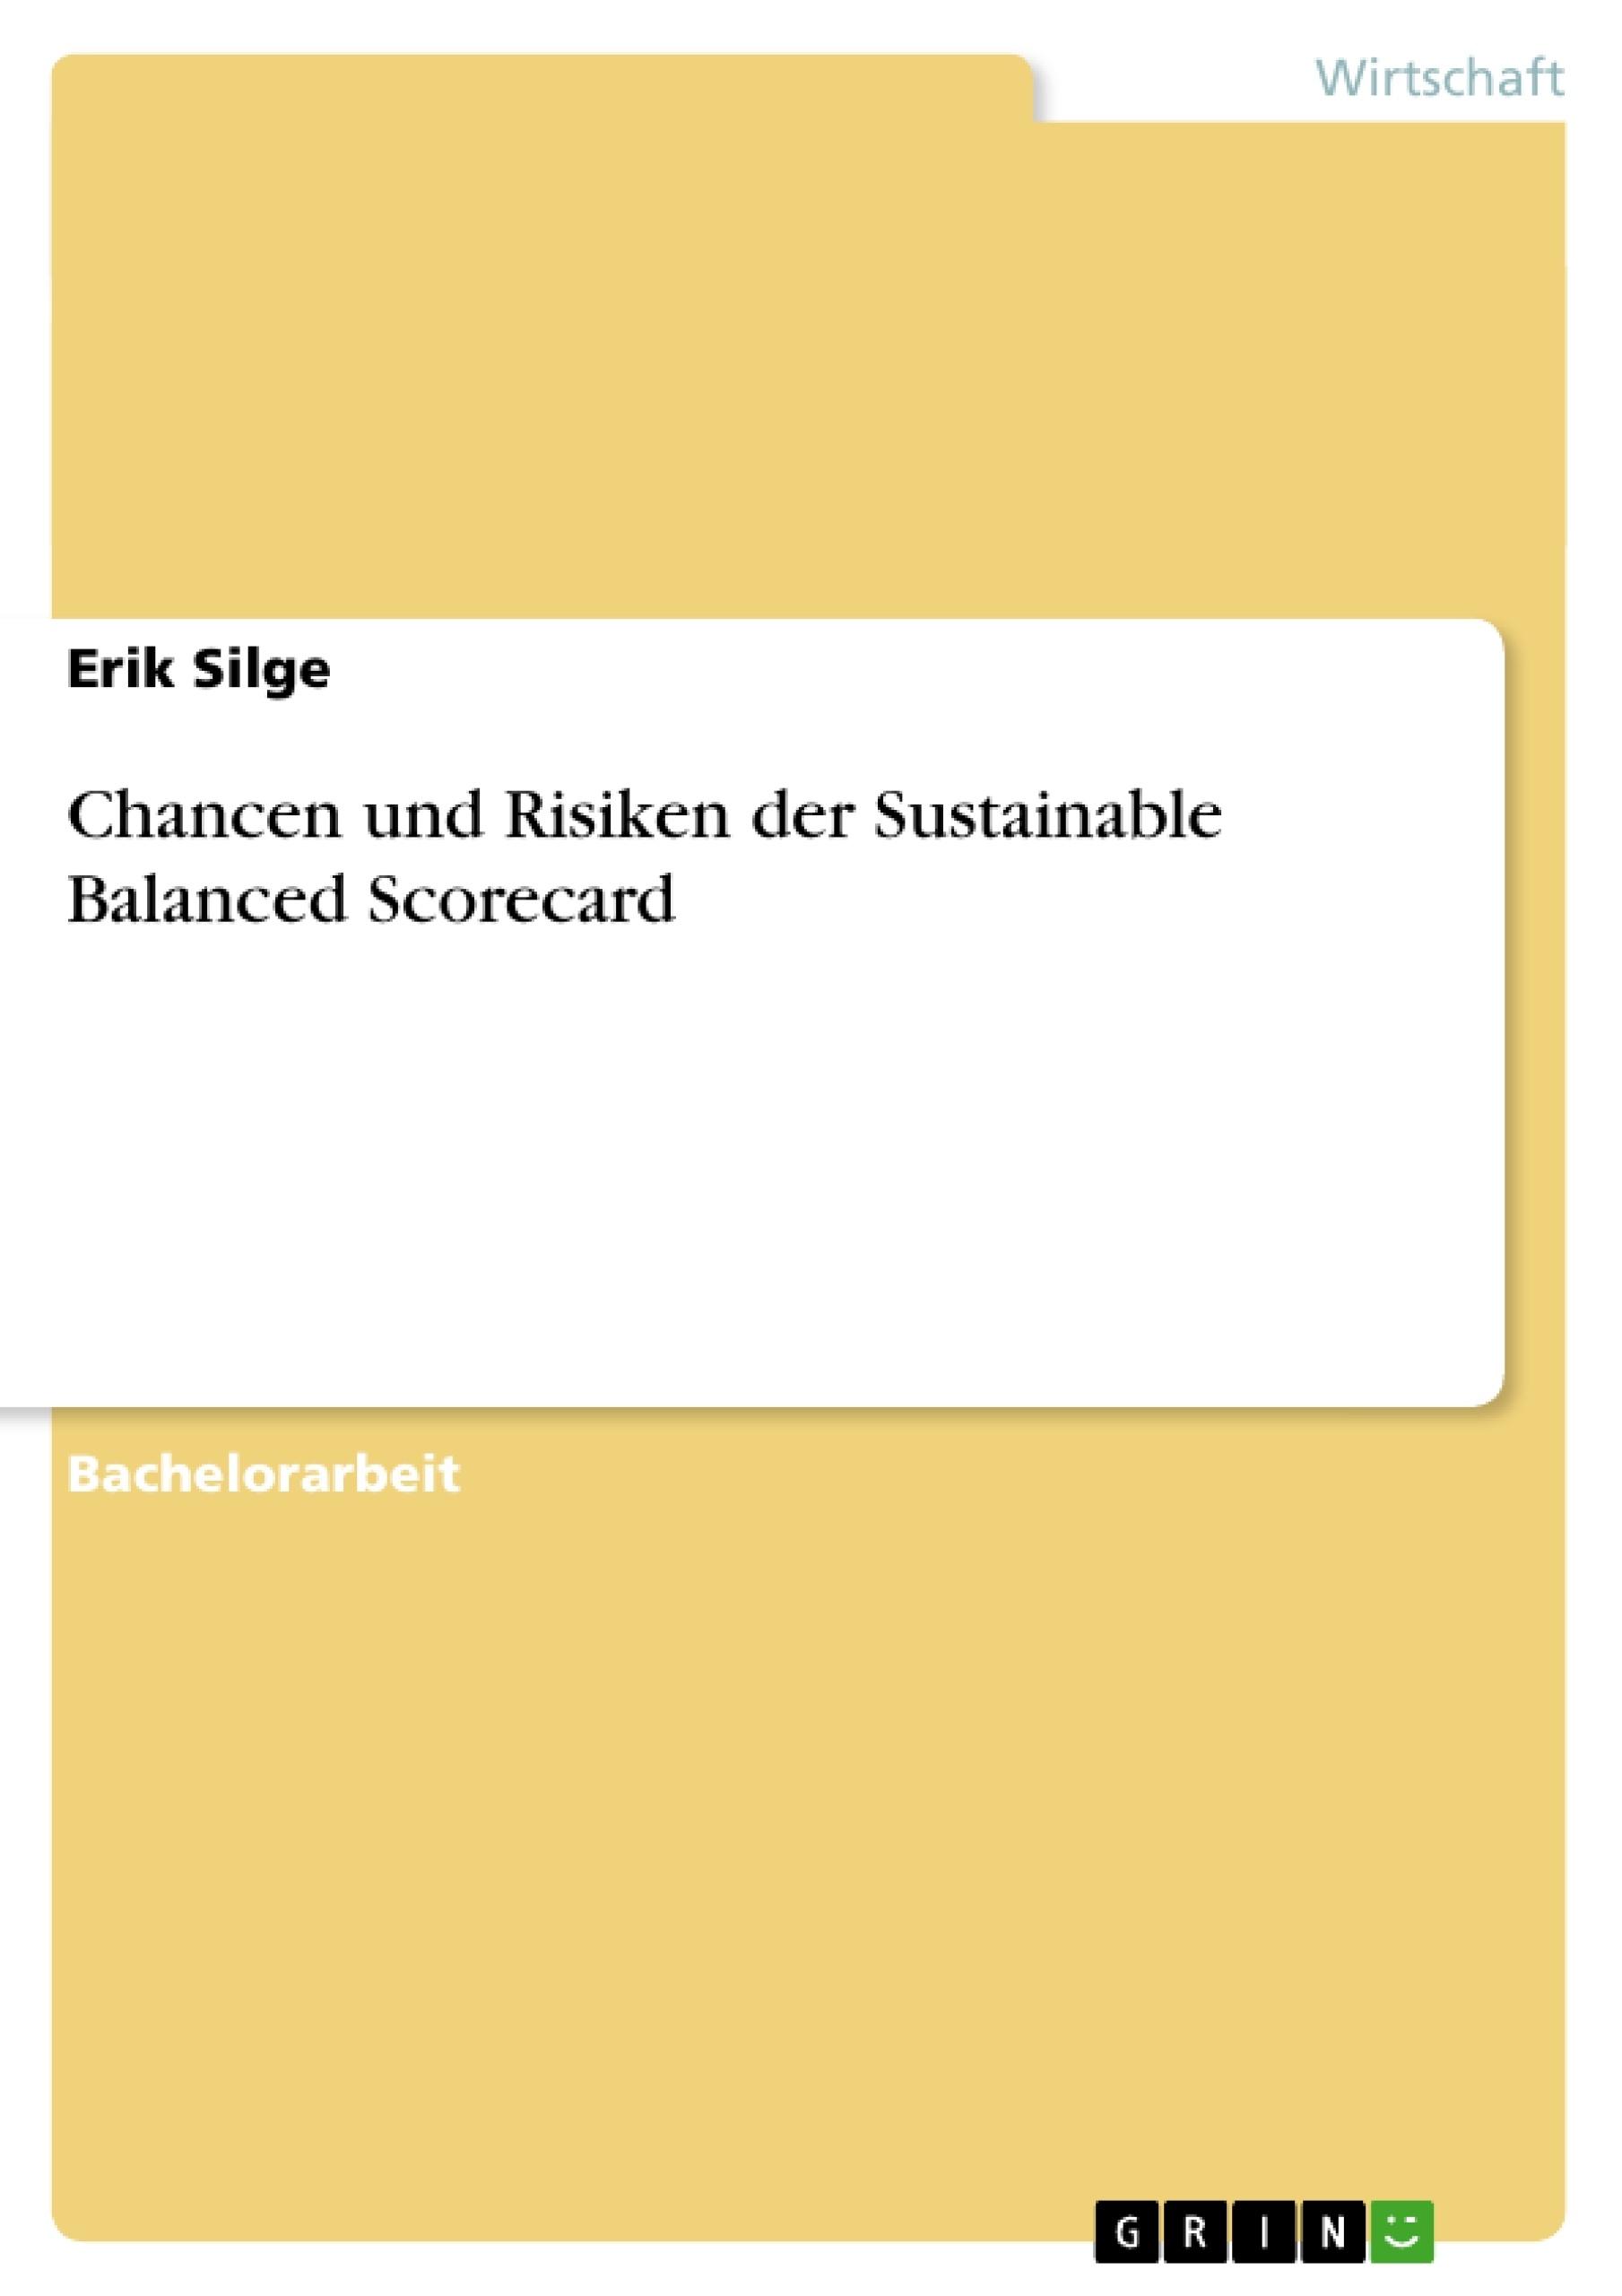 Titel: Chancen und Risiken der Sustainable Balanced Scorecard